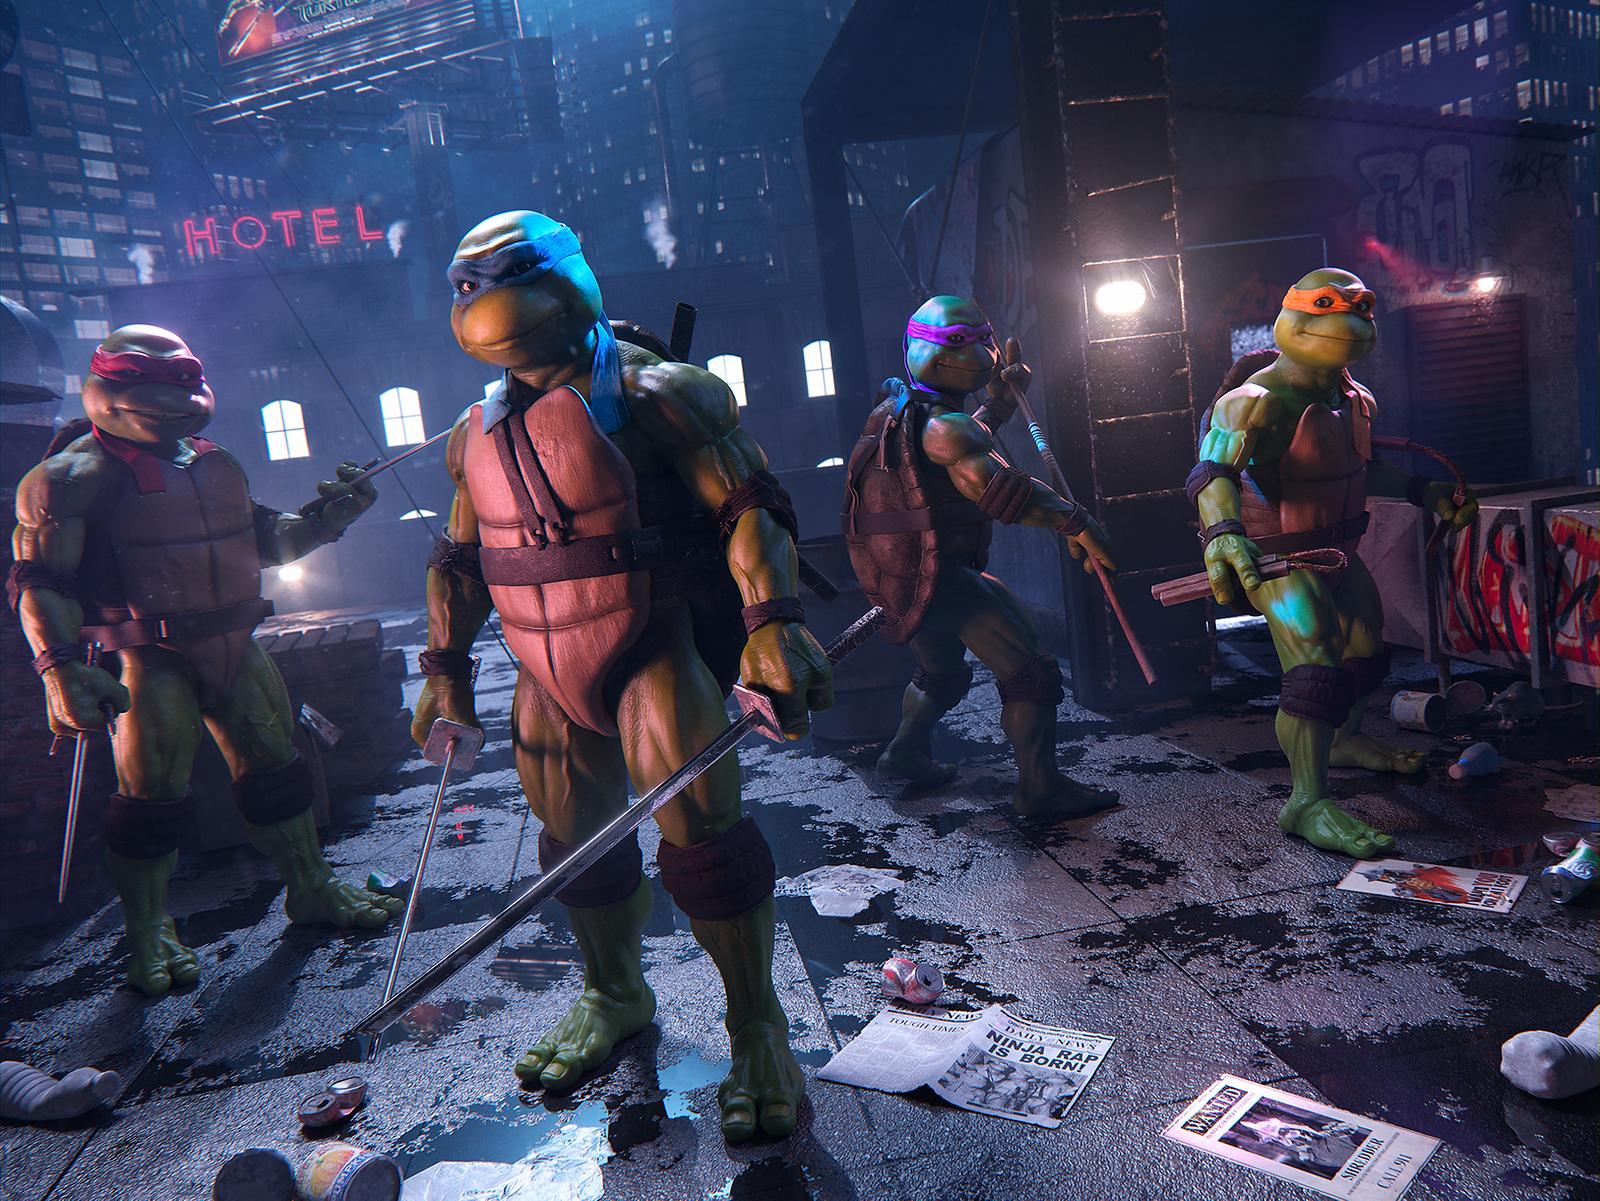 Turtles_final_5K.png